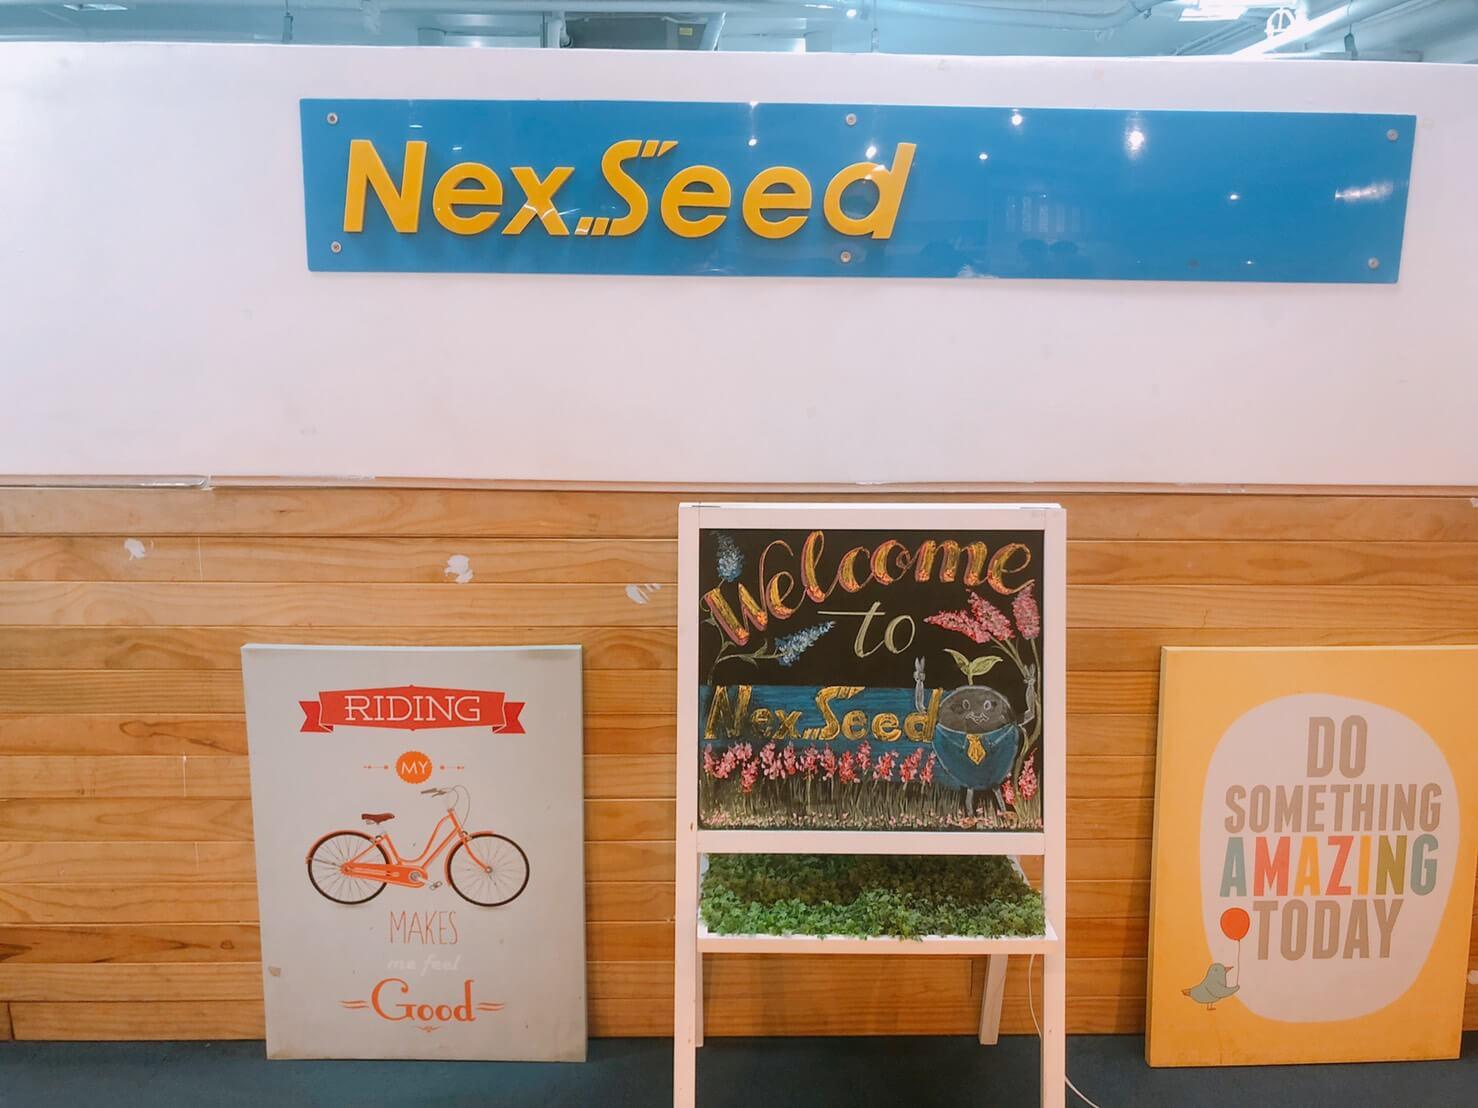 NexSeed